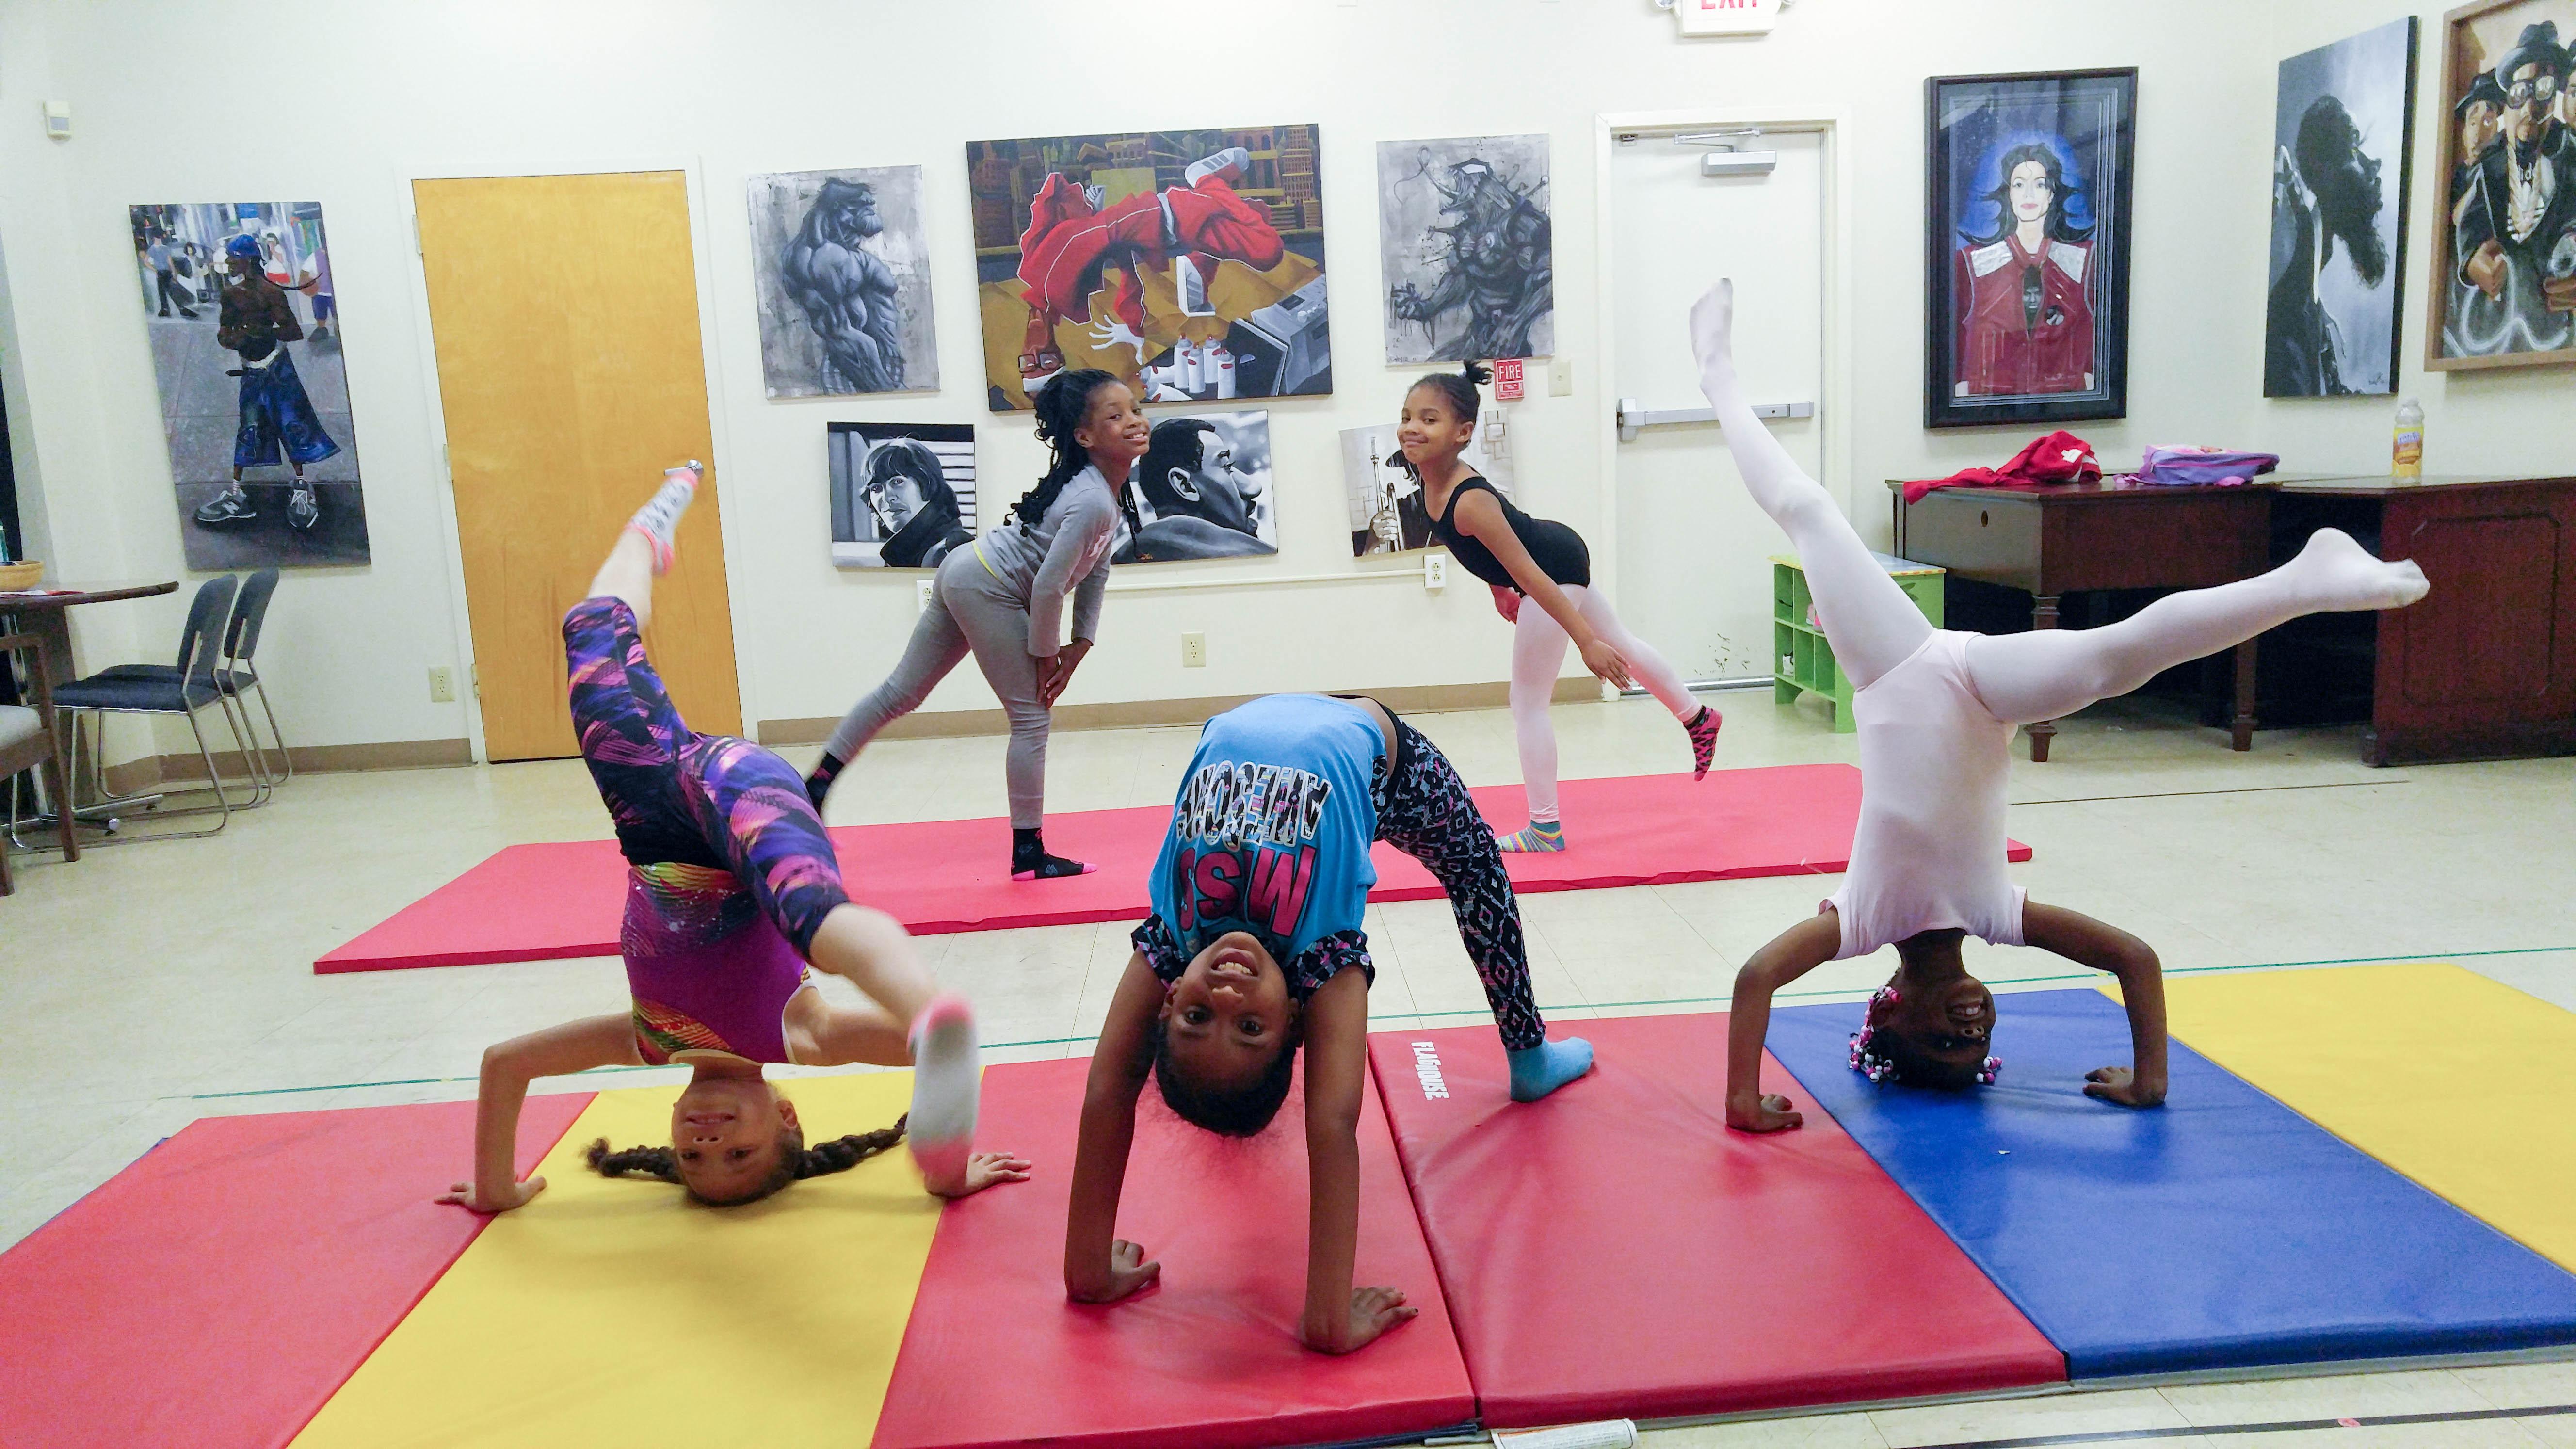 Gymnastics (1 of 1)